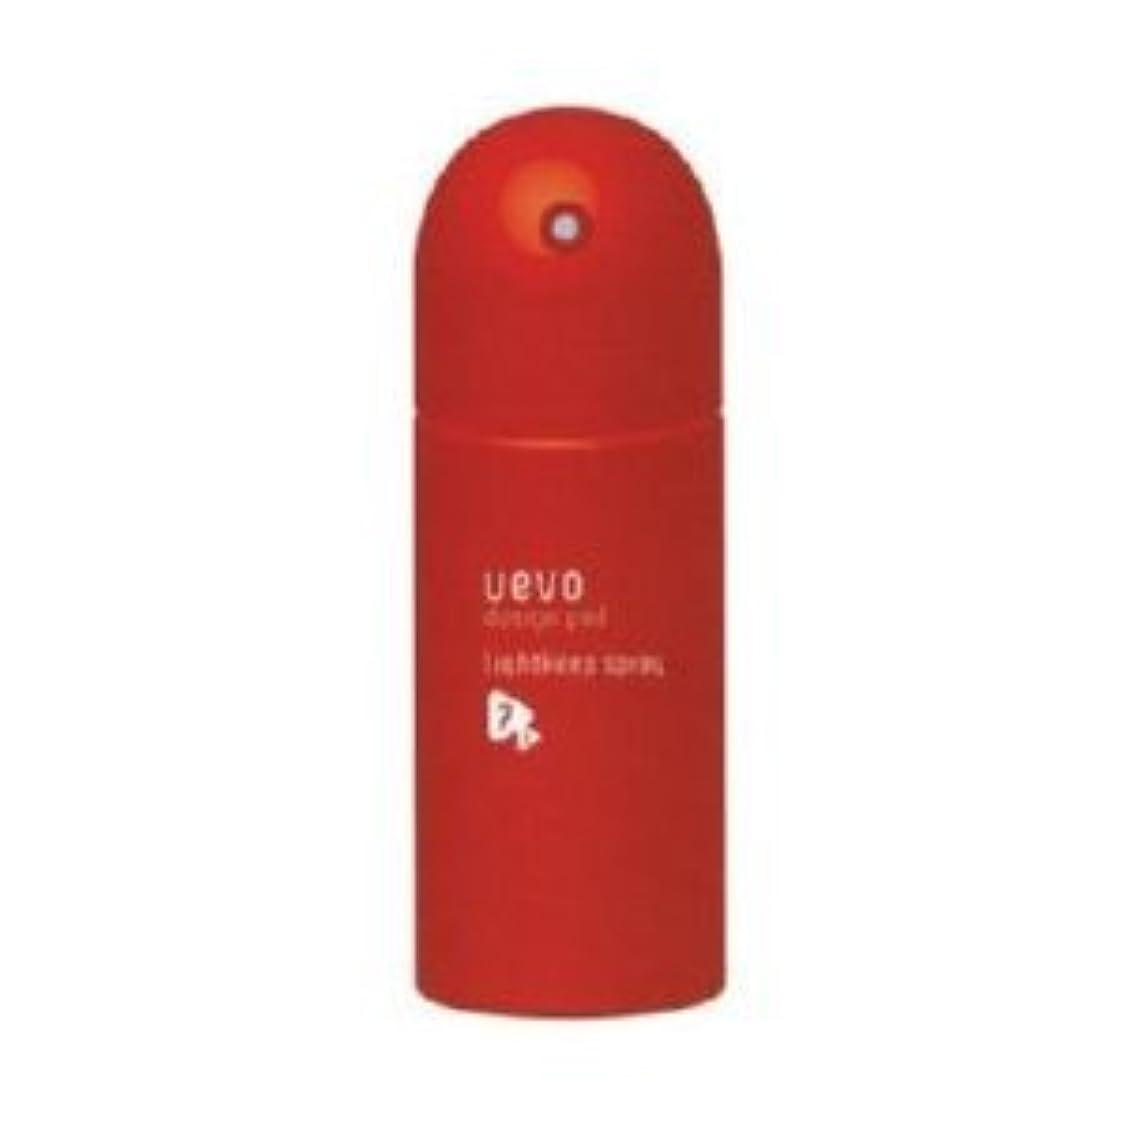 食事を調理する女性扱う【X4個セット】 デミ ウェーボ デザインポッド ライトキープスプレー 220ml lightkeep spray DEMI uevo design pod